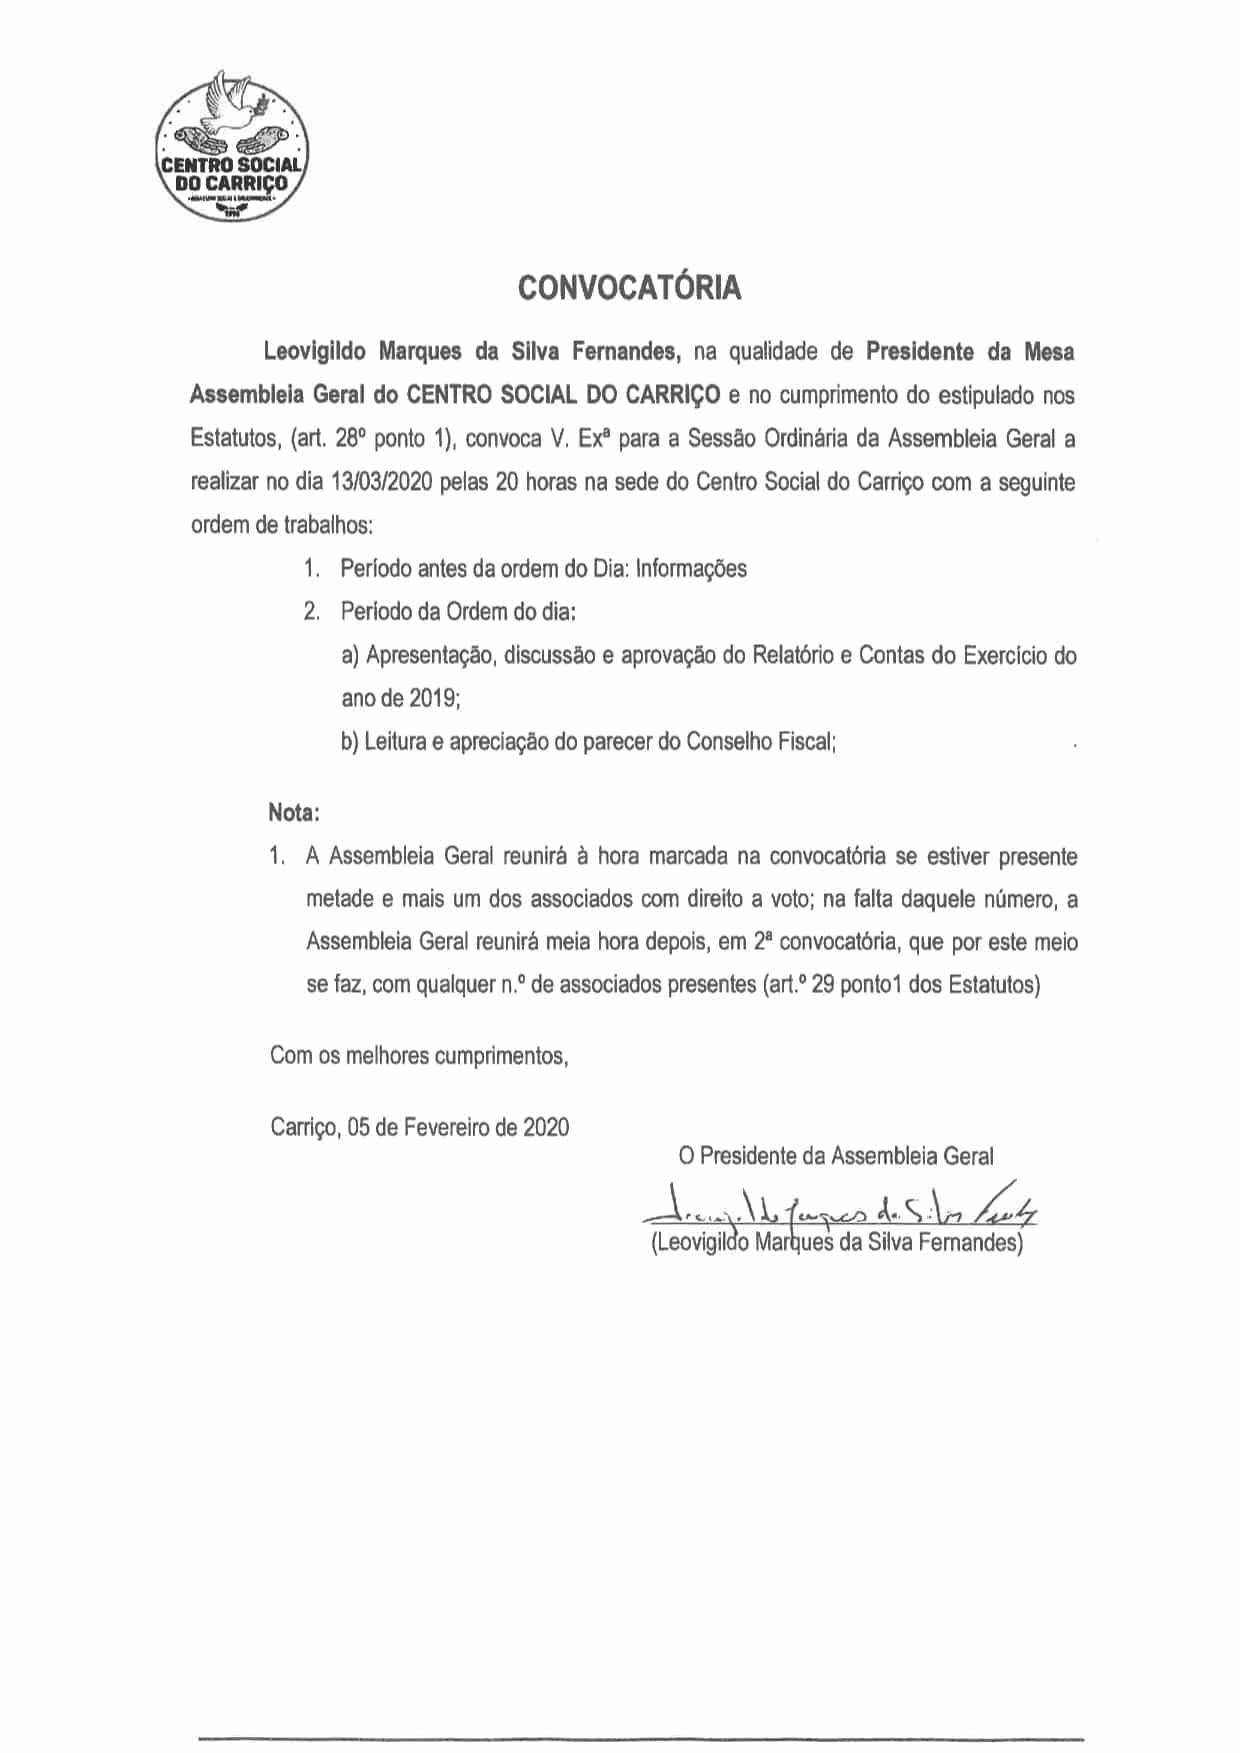 Convocatória para Sessão Ordinária da Assembleia Geral 13/03/2020